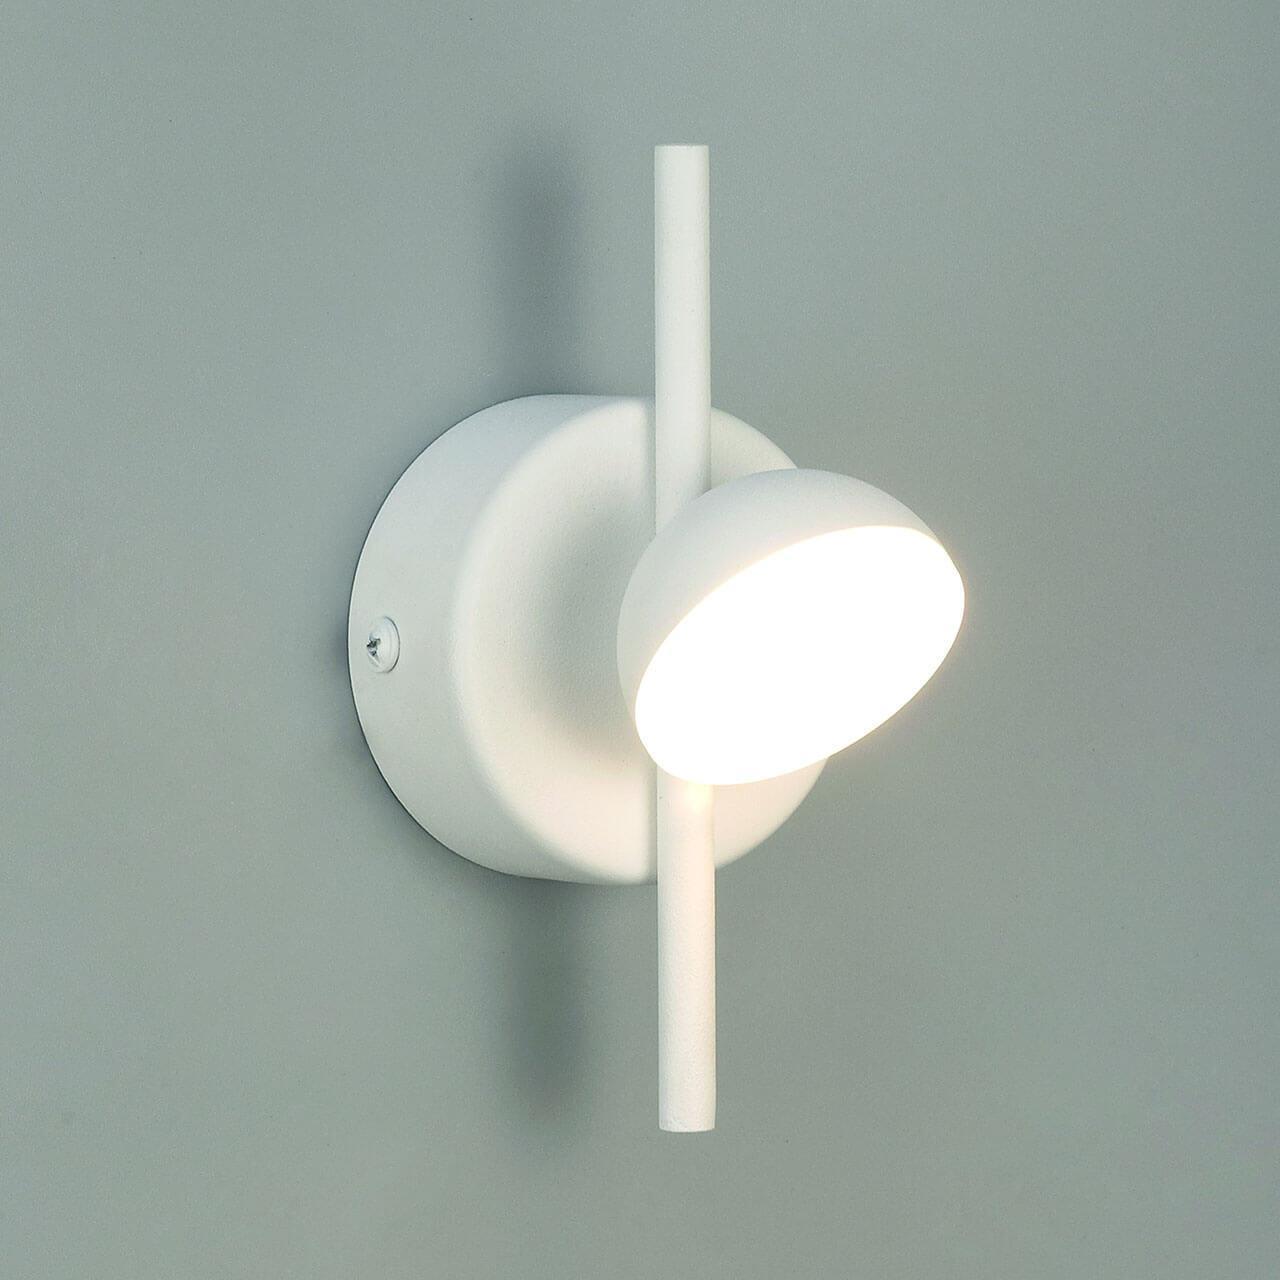 Бра Mantra 6266, LED, 3 Вт цены